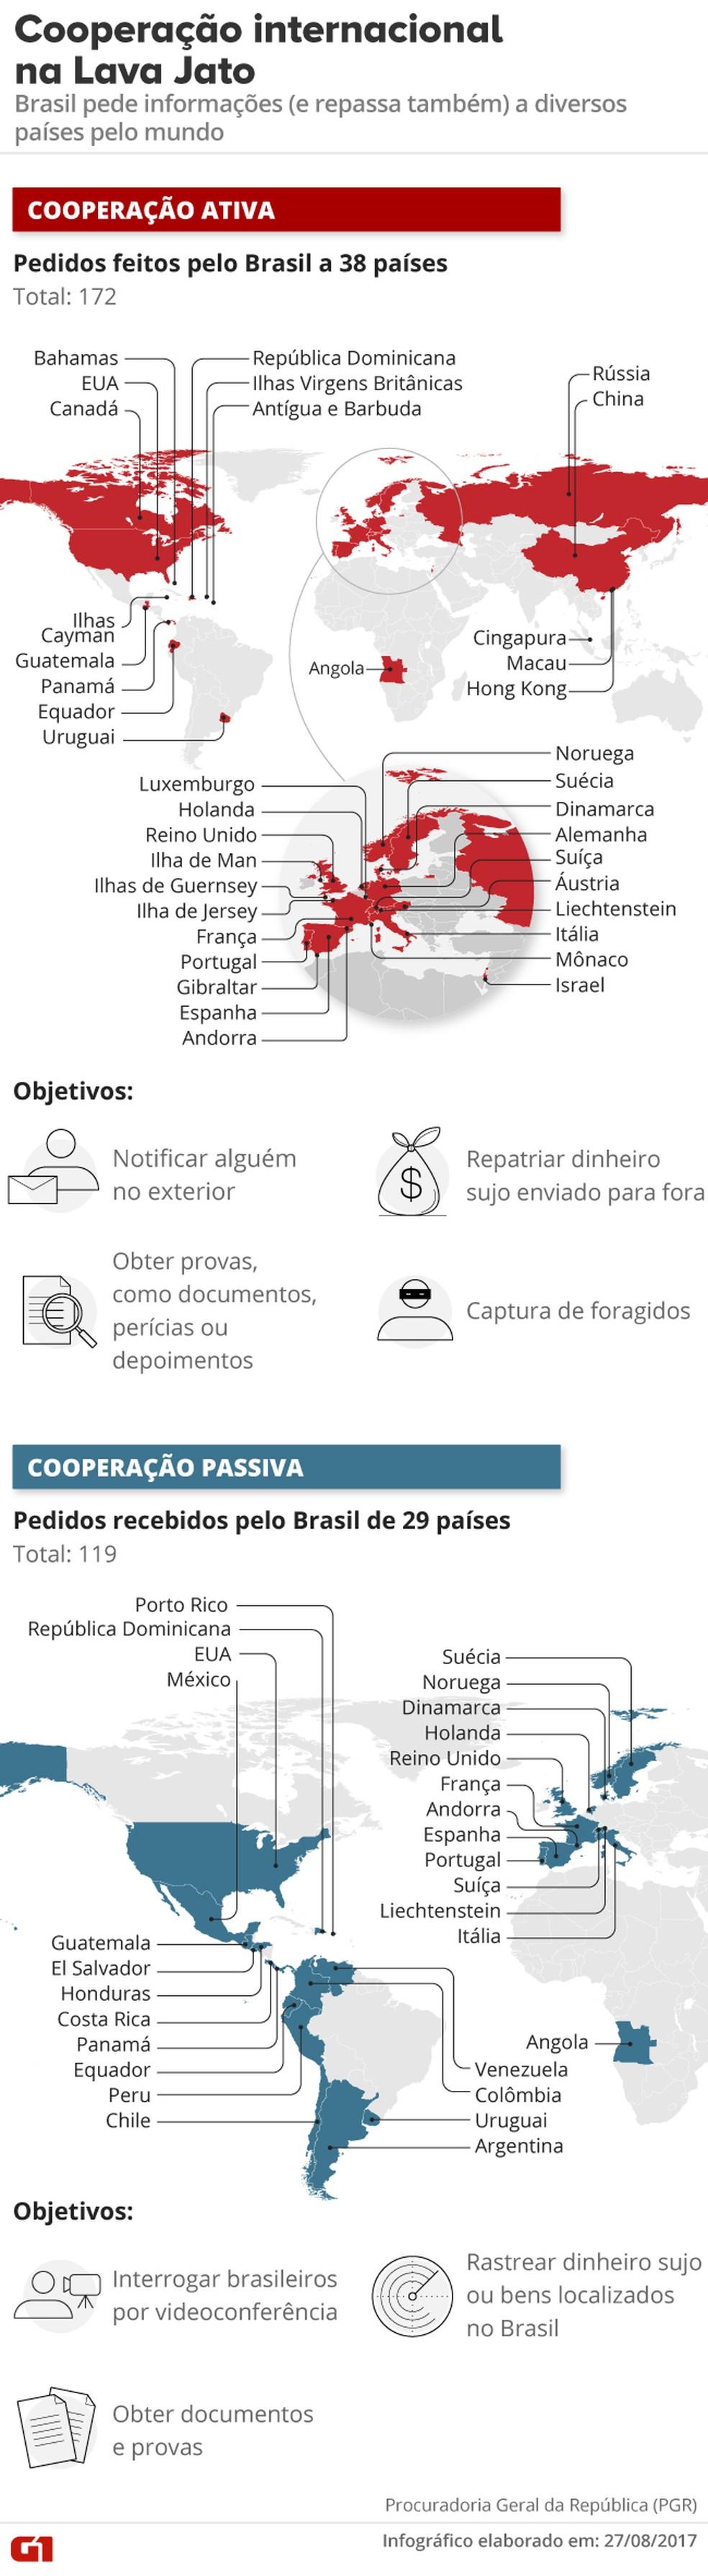 Veja mapa da cooperação internacional na Lava Jato (Foto: Arte/G1)